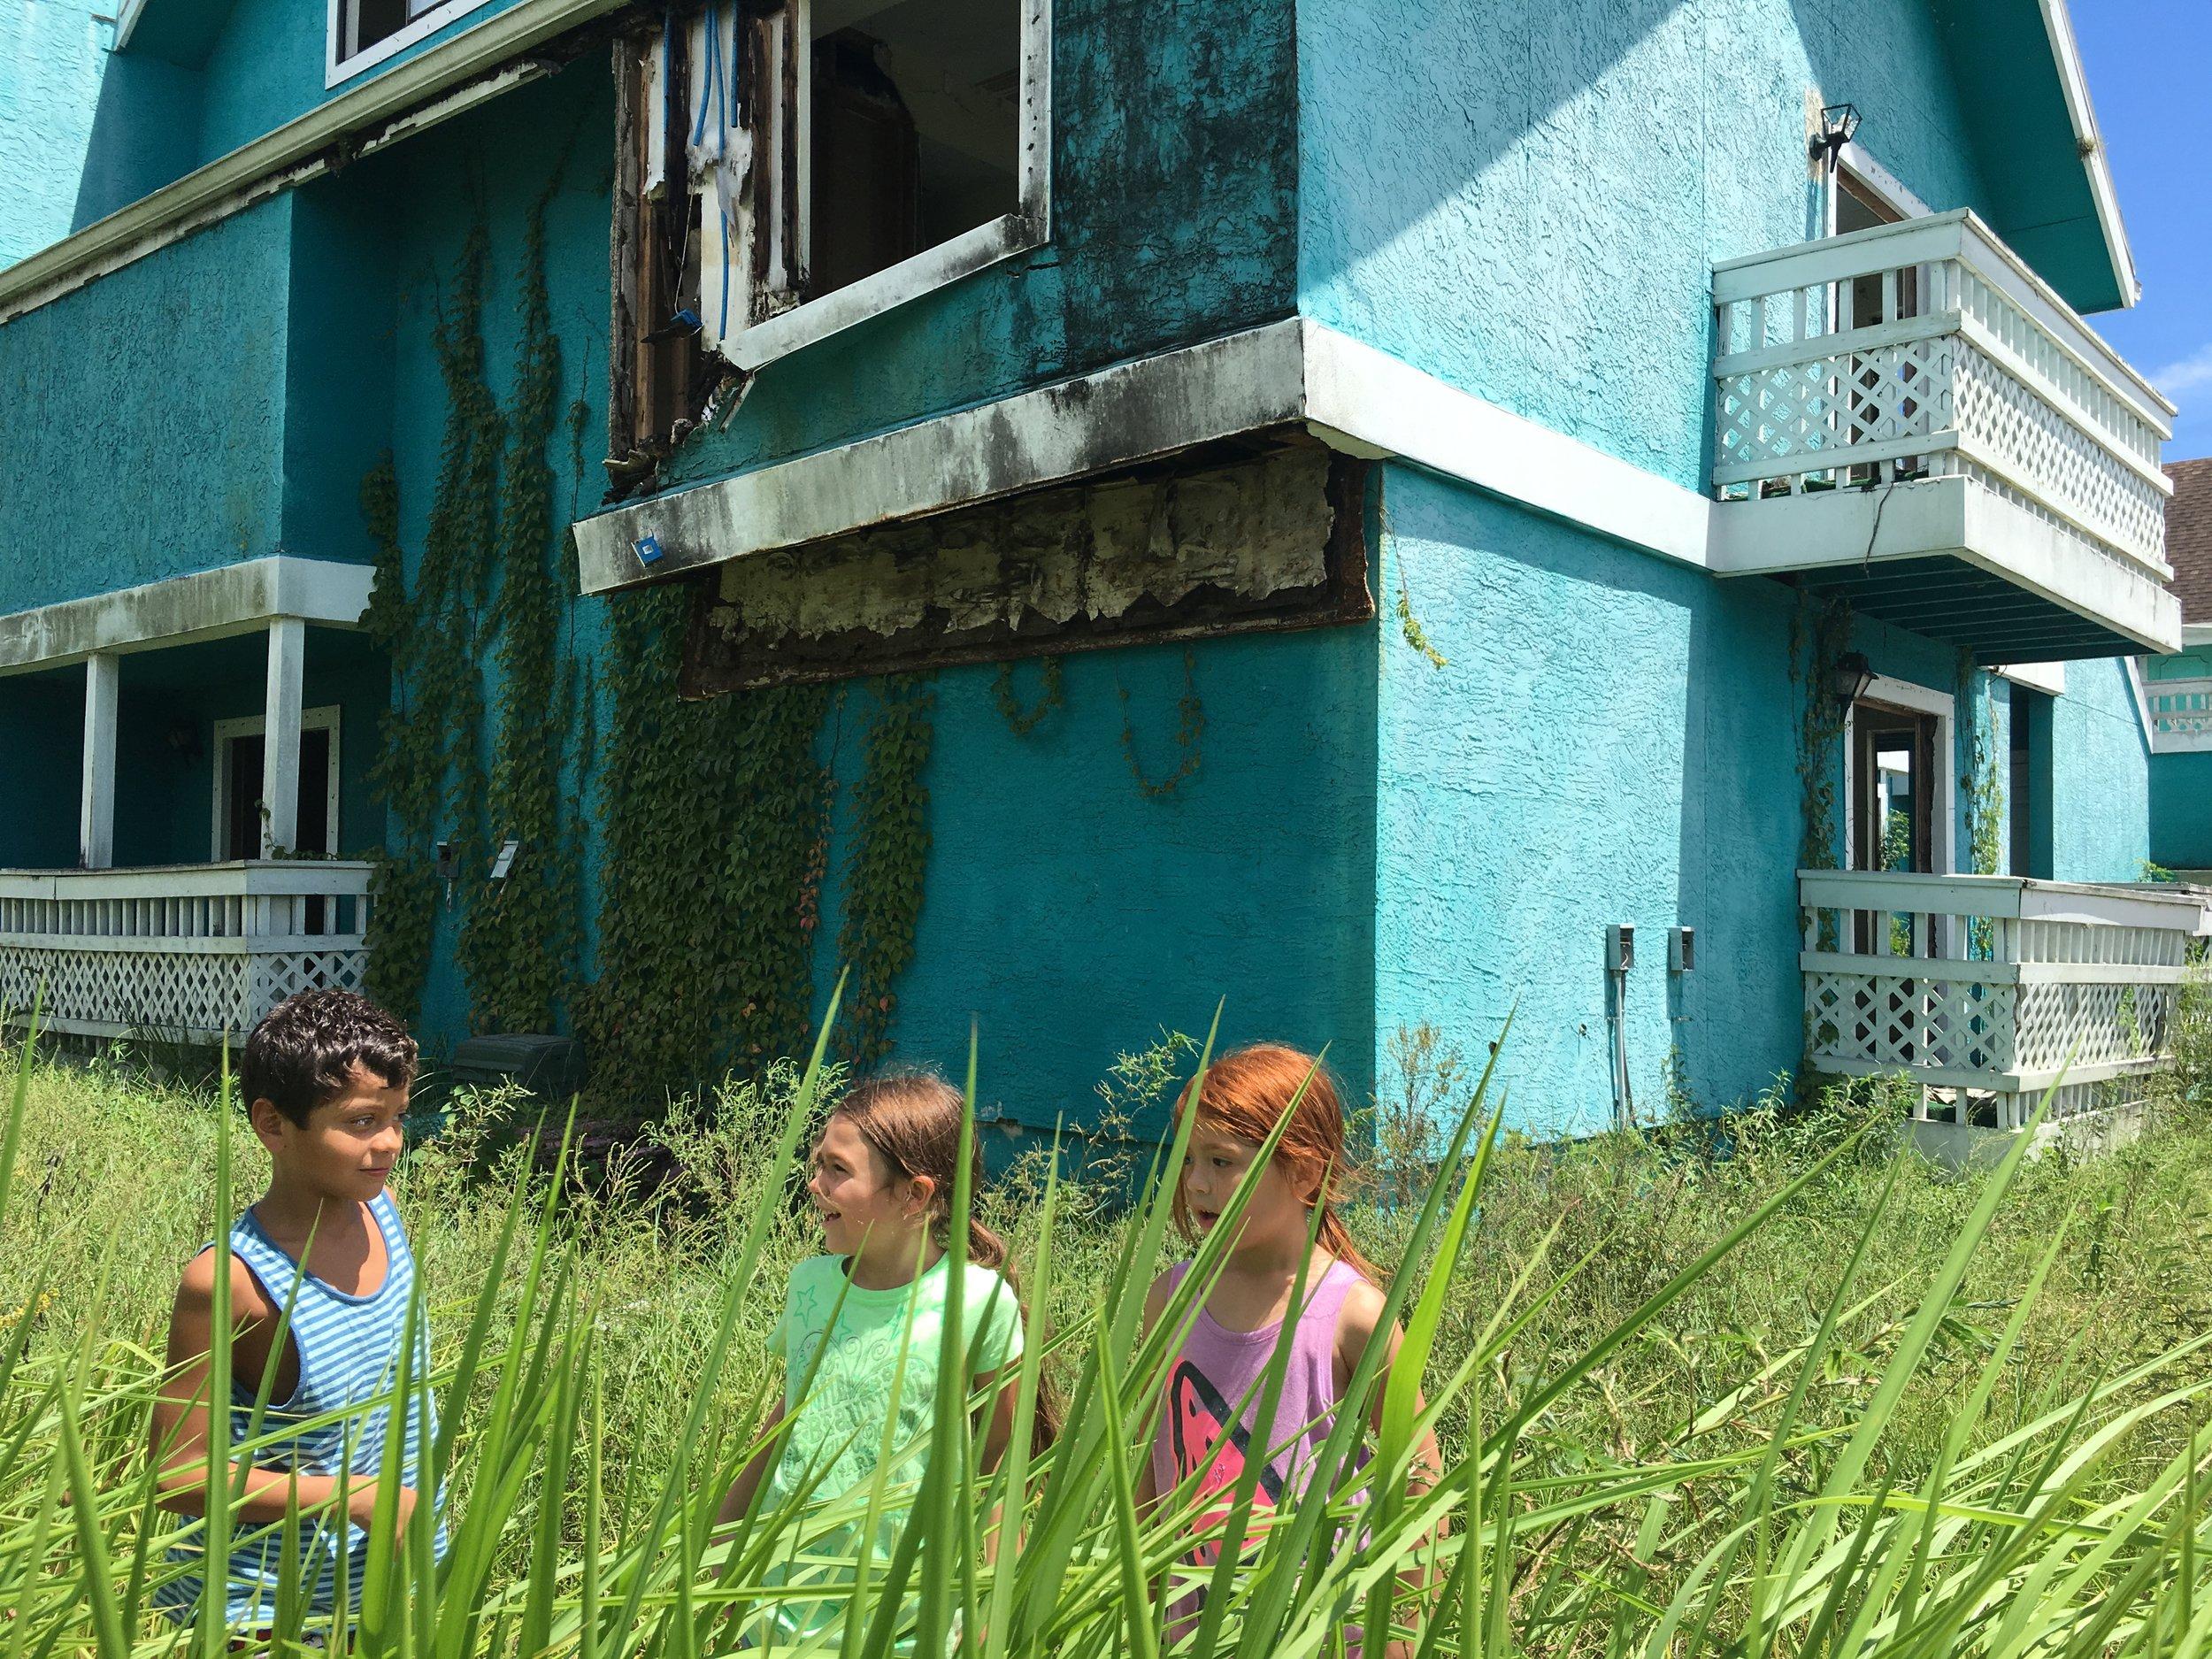 Scooty, Moonee og Jancey på tokt rundt de fraflyttede, forfalne villaene i nærheten.